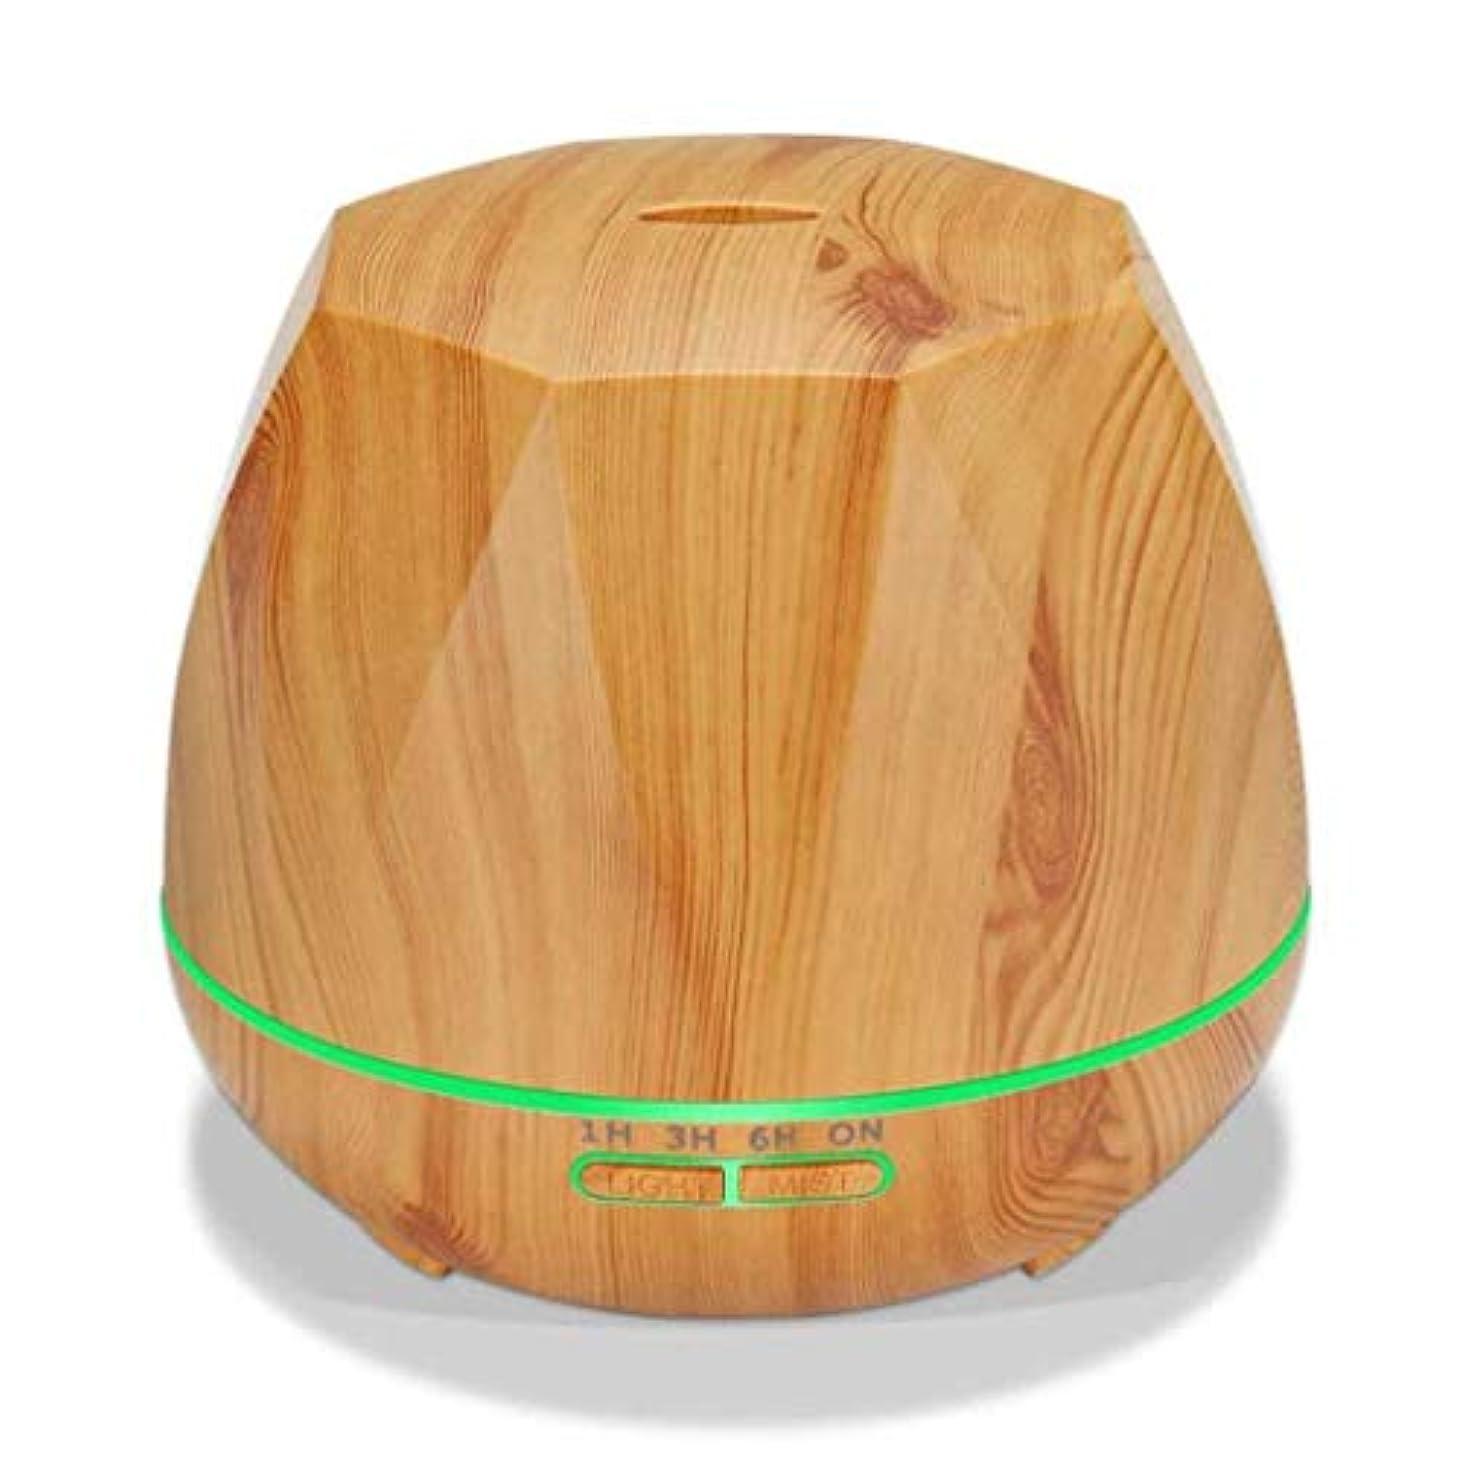 借りる鋸歯状クローンクールミスト空気加湿器、カラーLEDライト付き交換用超音波、ヨガ、オフィス、スパ、寝室、ベビールーム - 木目調 (Color : Light wood grain)